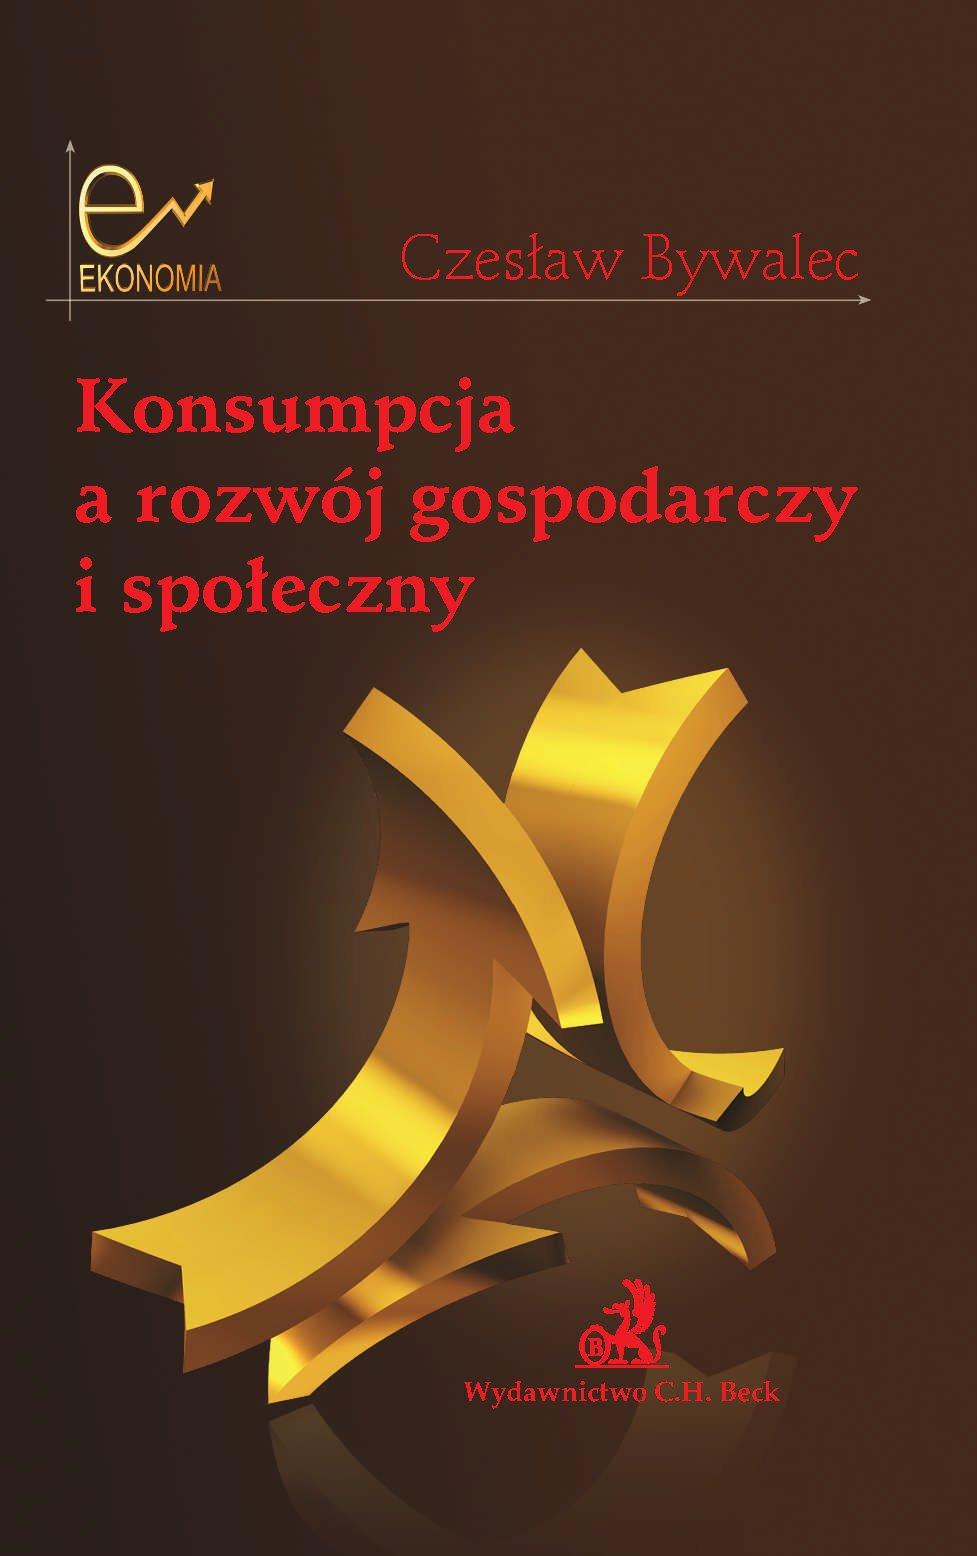 Konsumpcja a rozwój gospodarczy i społeczny - Ebook (Książka PDF) do pobrania w formacie PDF